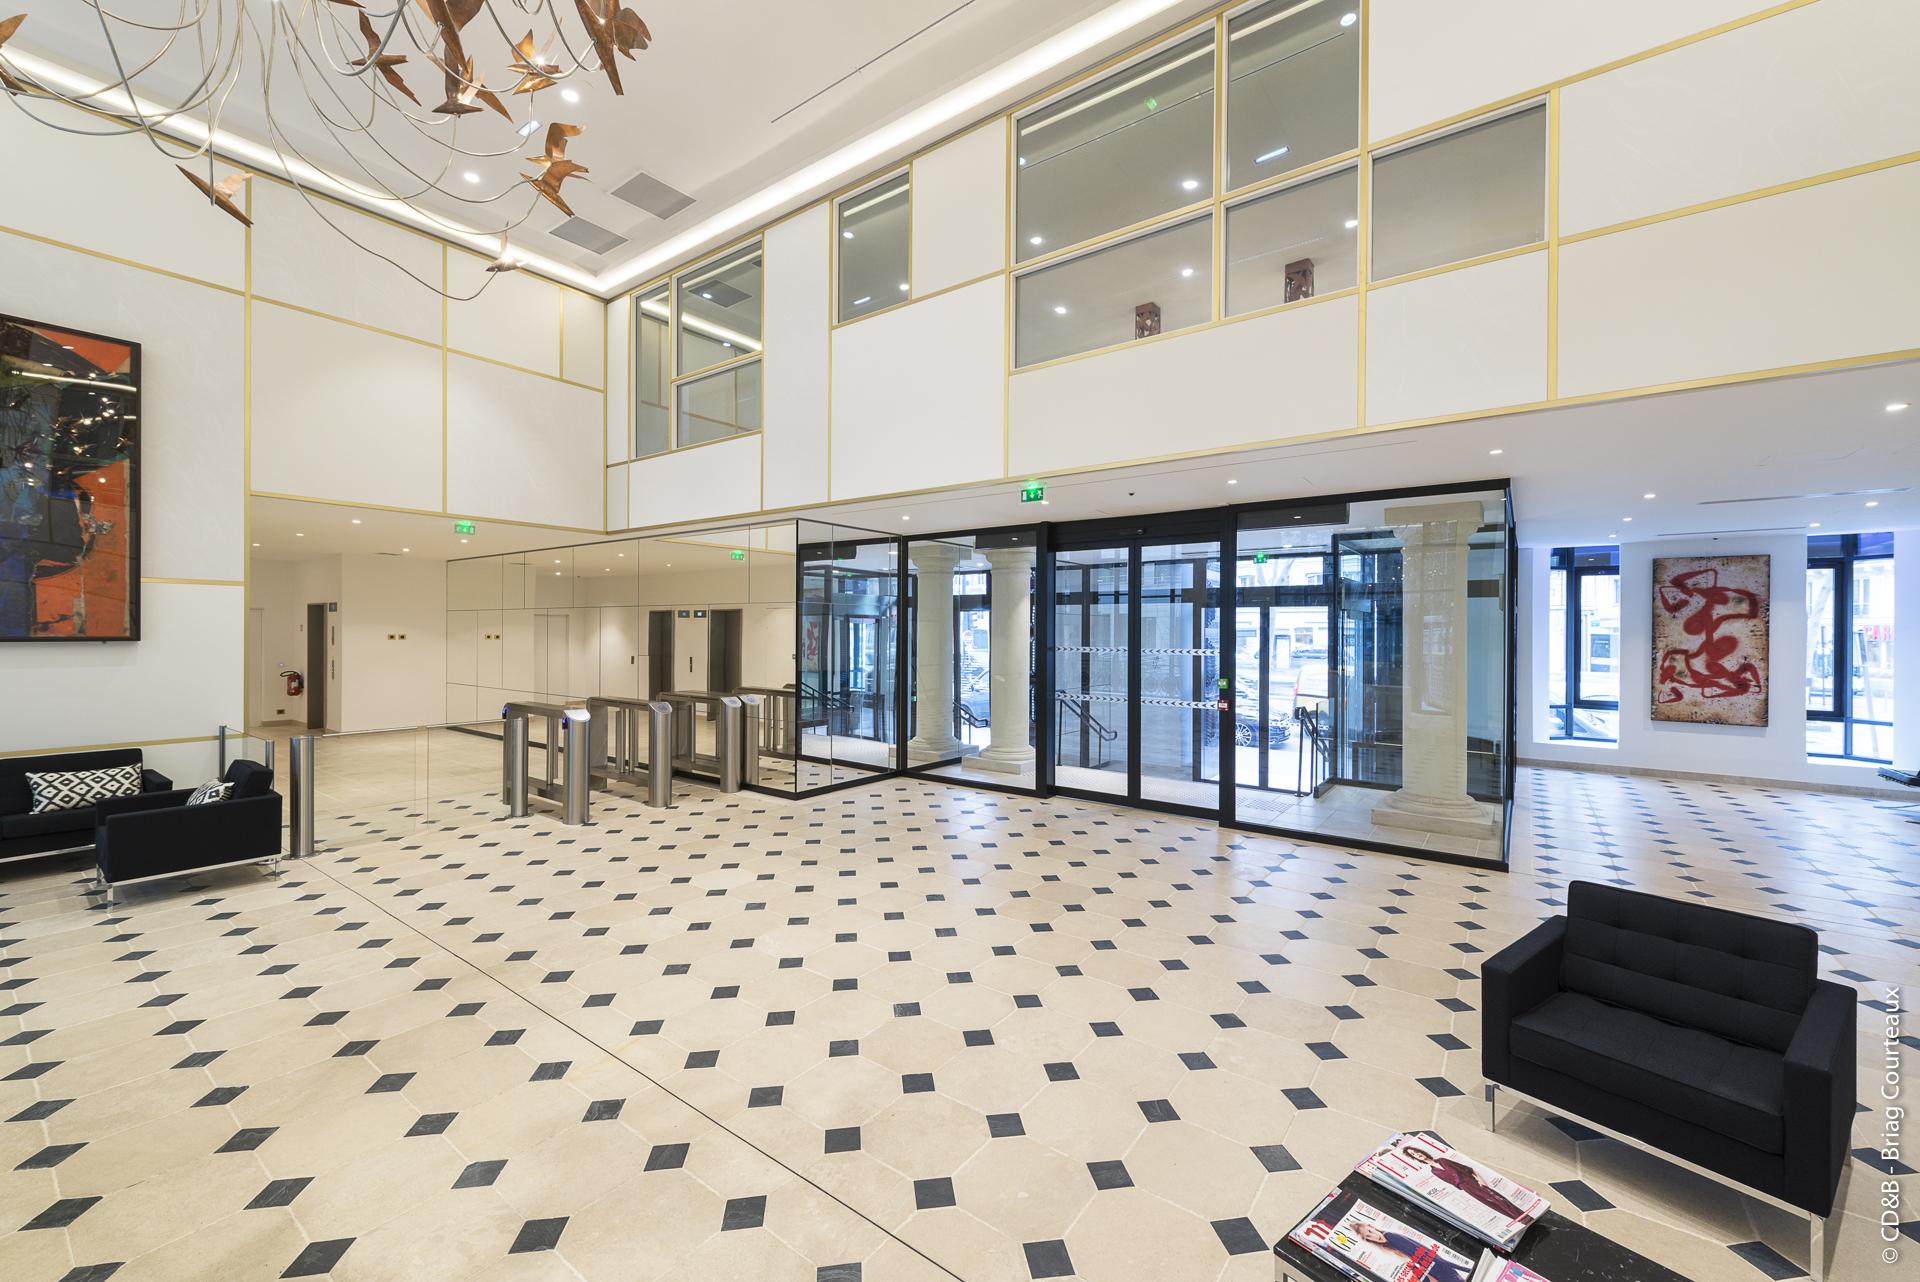 Conseil, aménagement, conception et réalisation des espaces de la société SISLEY par CDB, Meet you there.